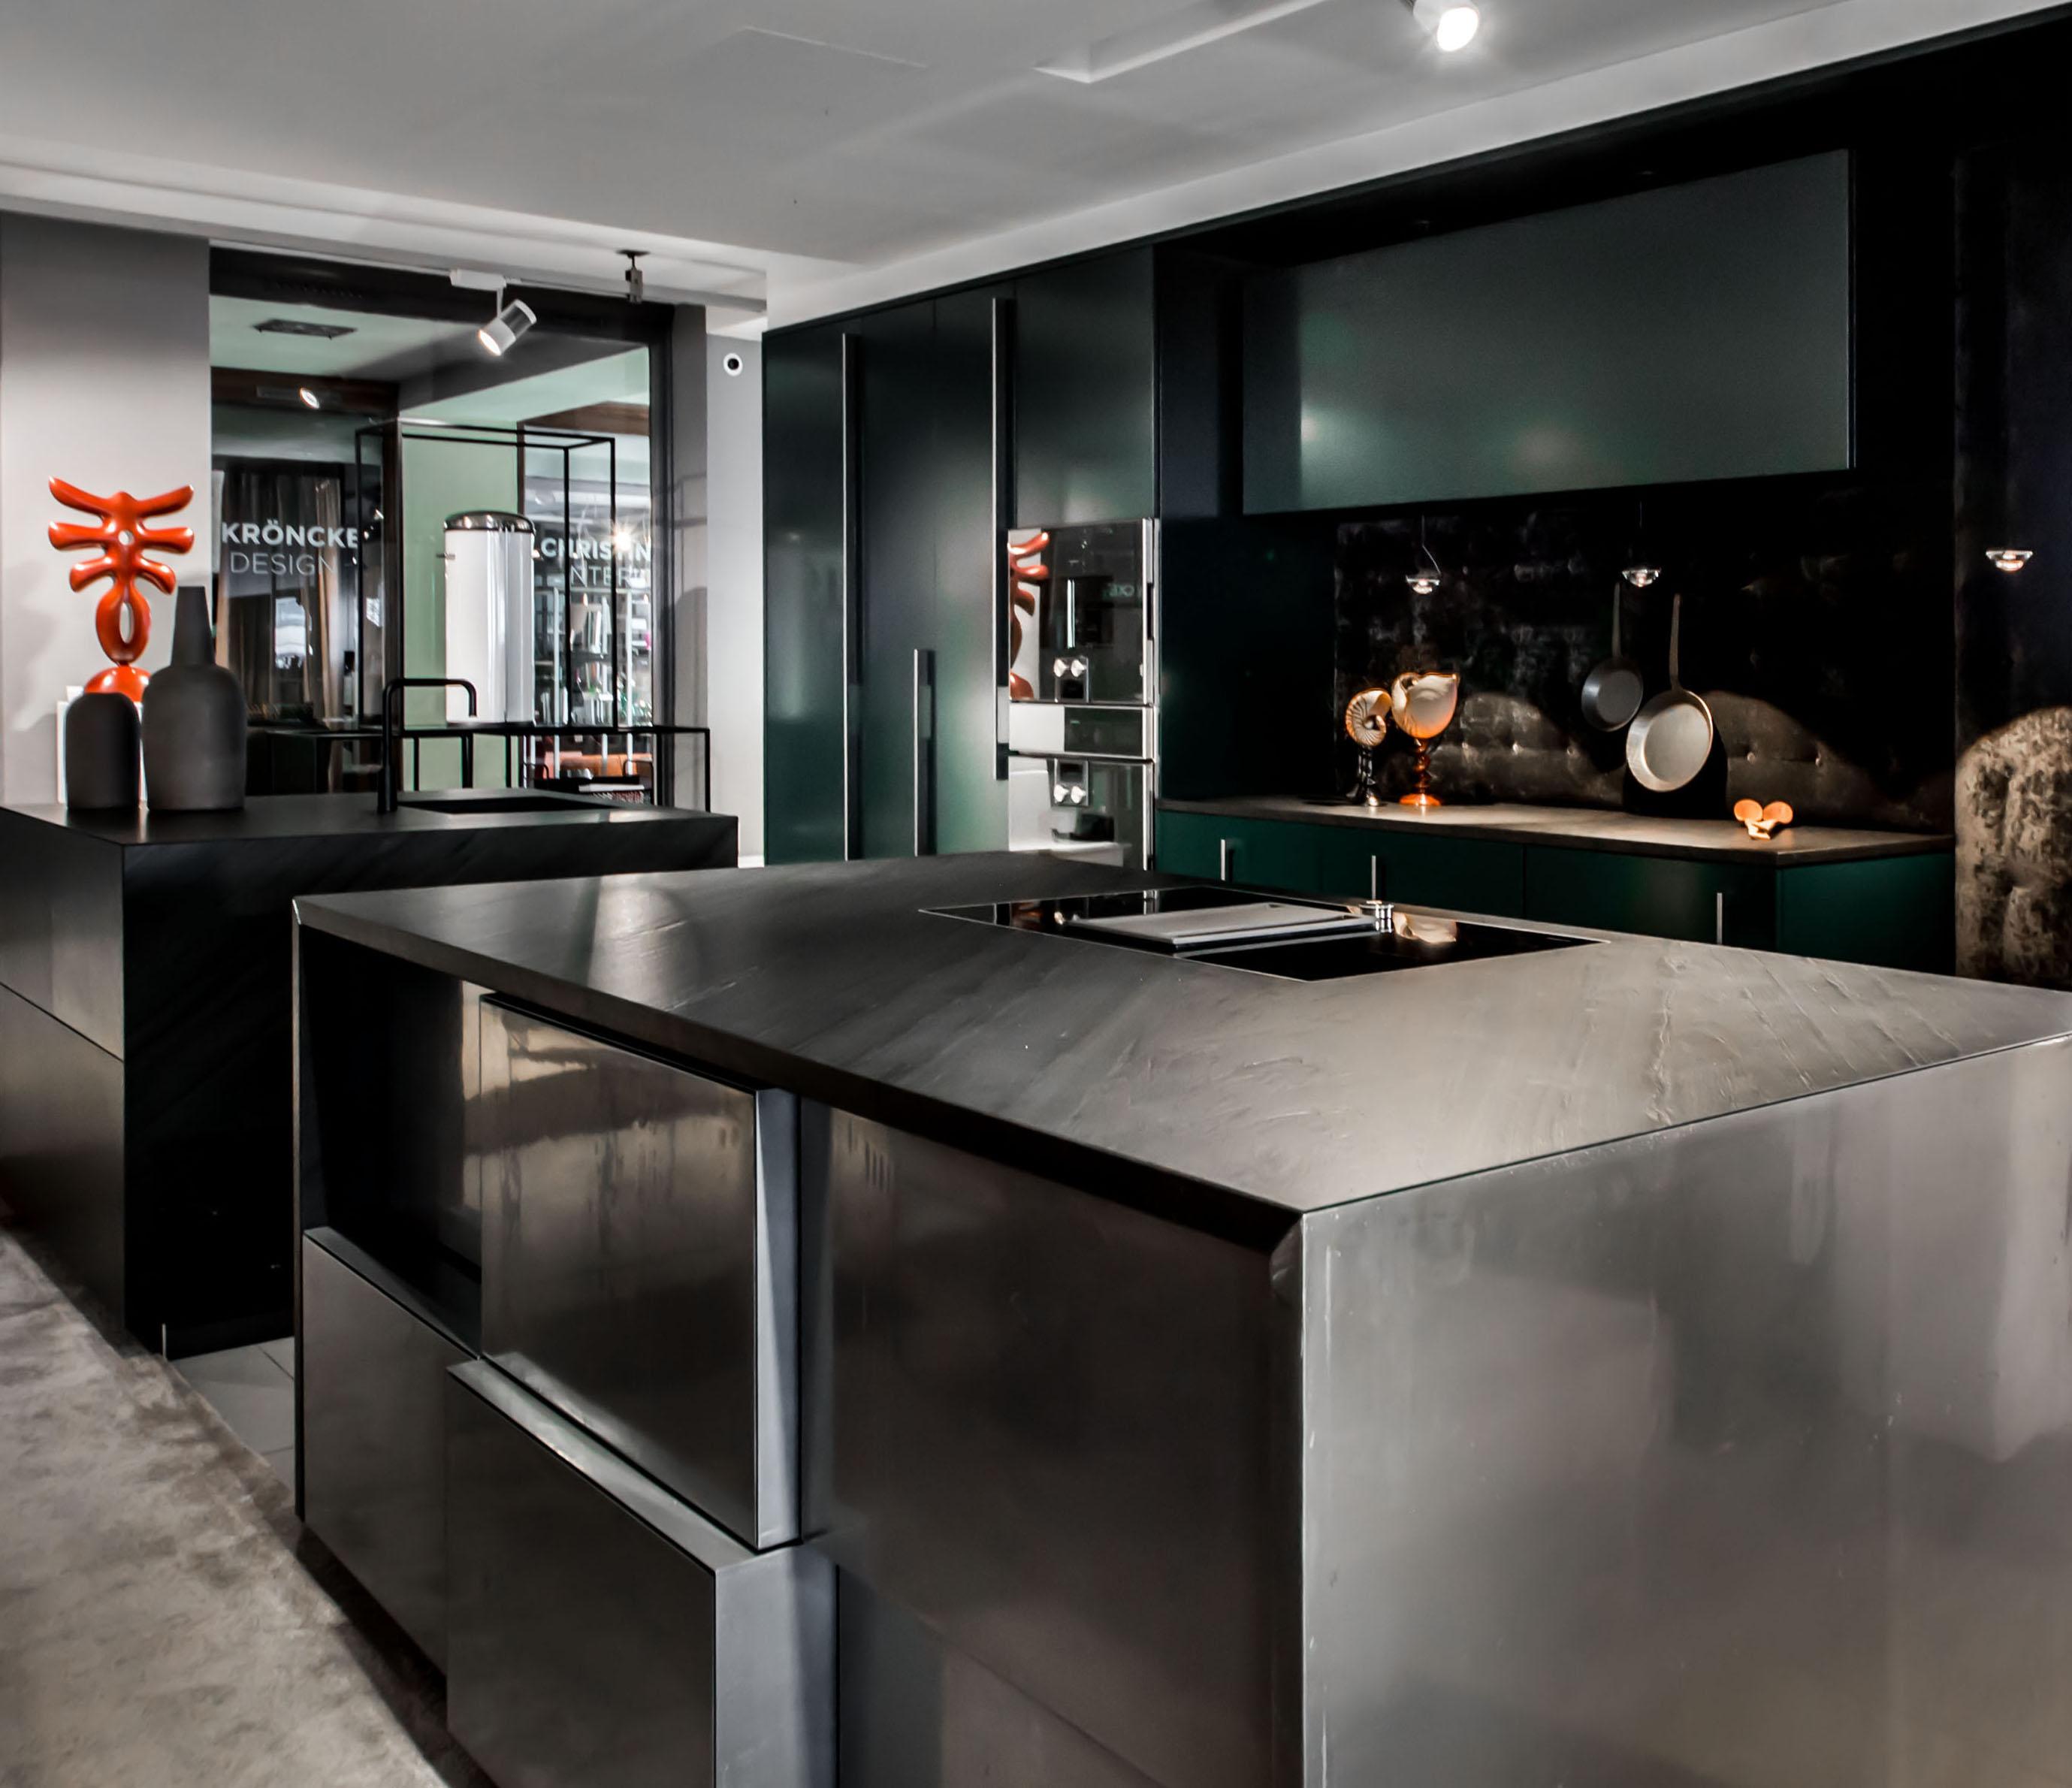 Fantastisch Heißeste Farbe Für Küchengeräte Galerie - Küche Set ...